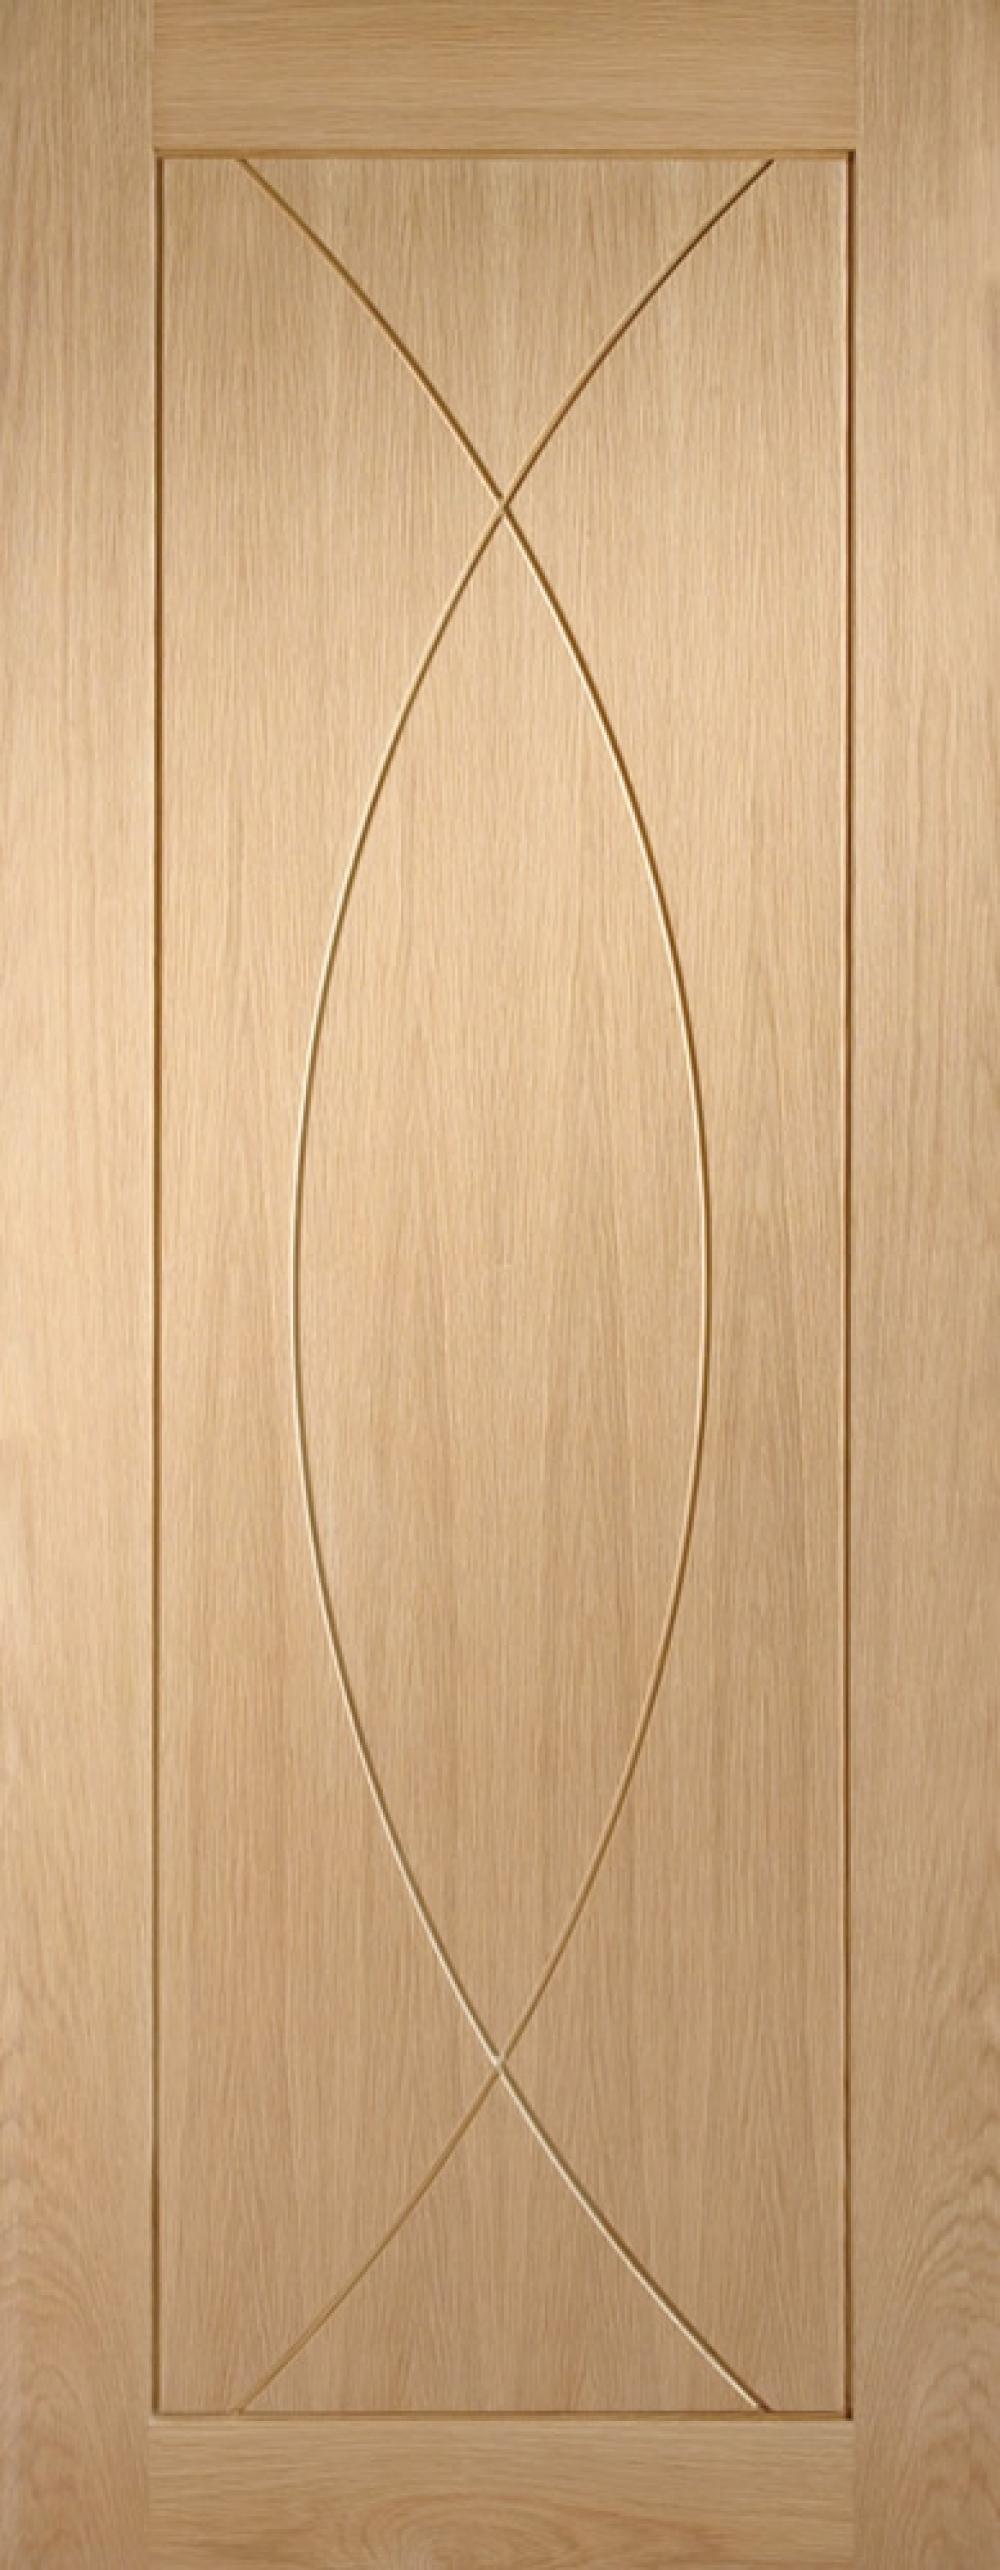 Pesaro Oak Door - PREFINISHED